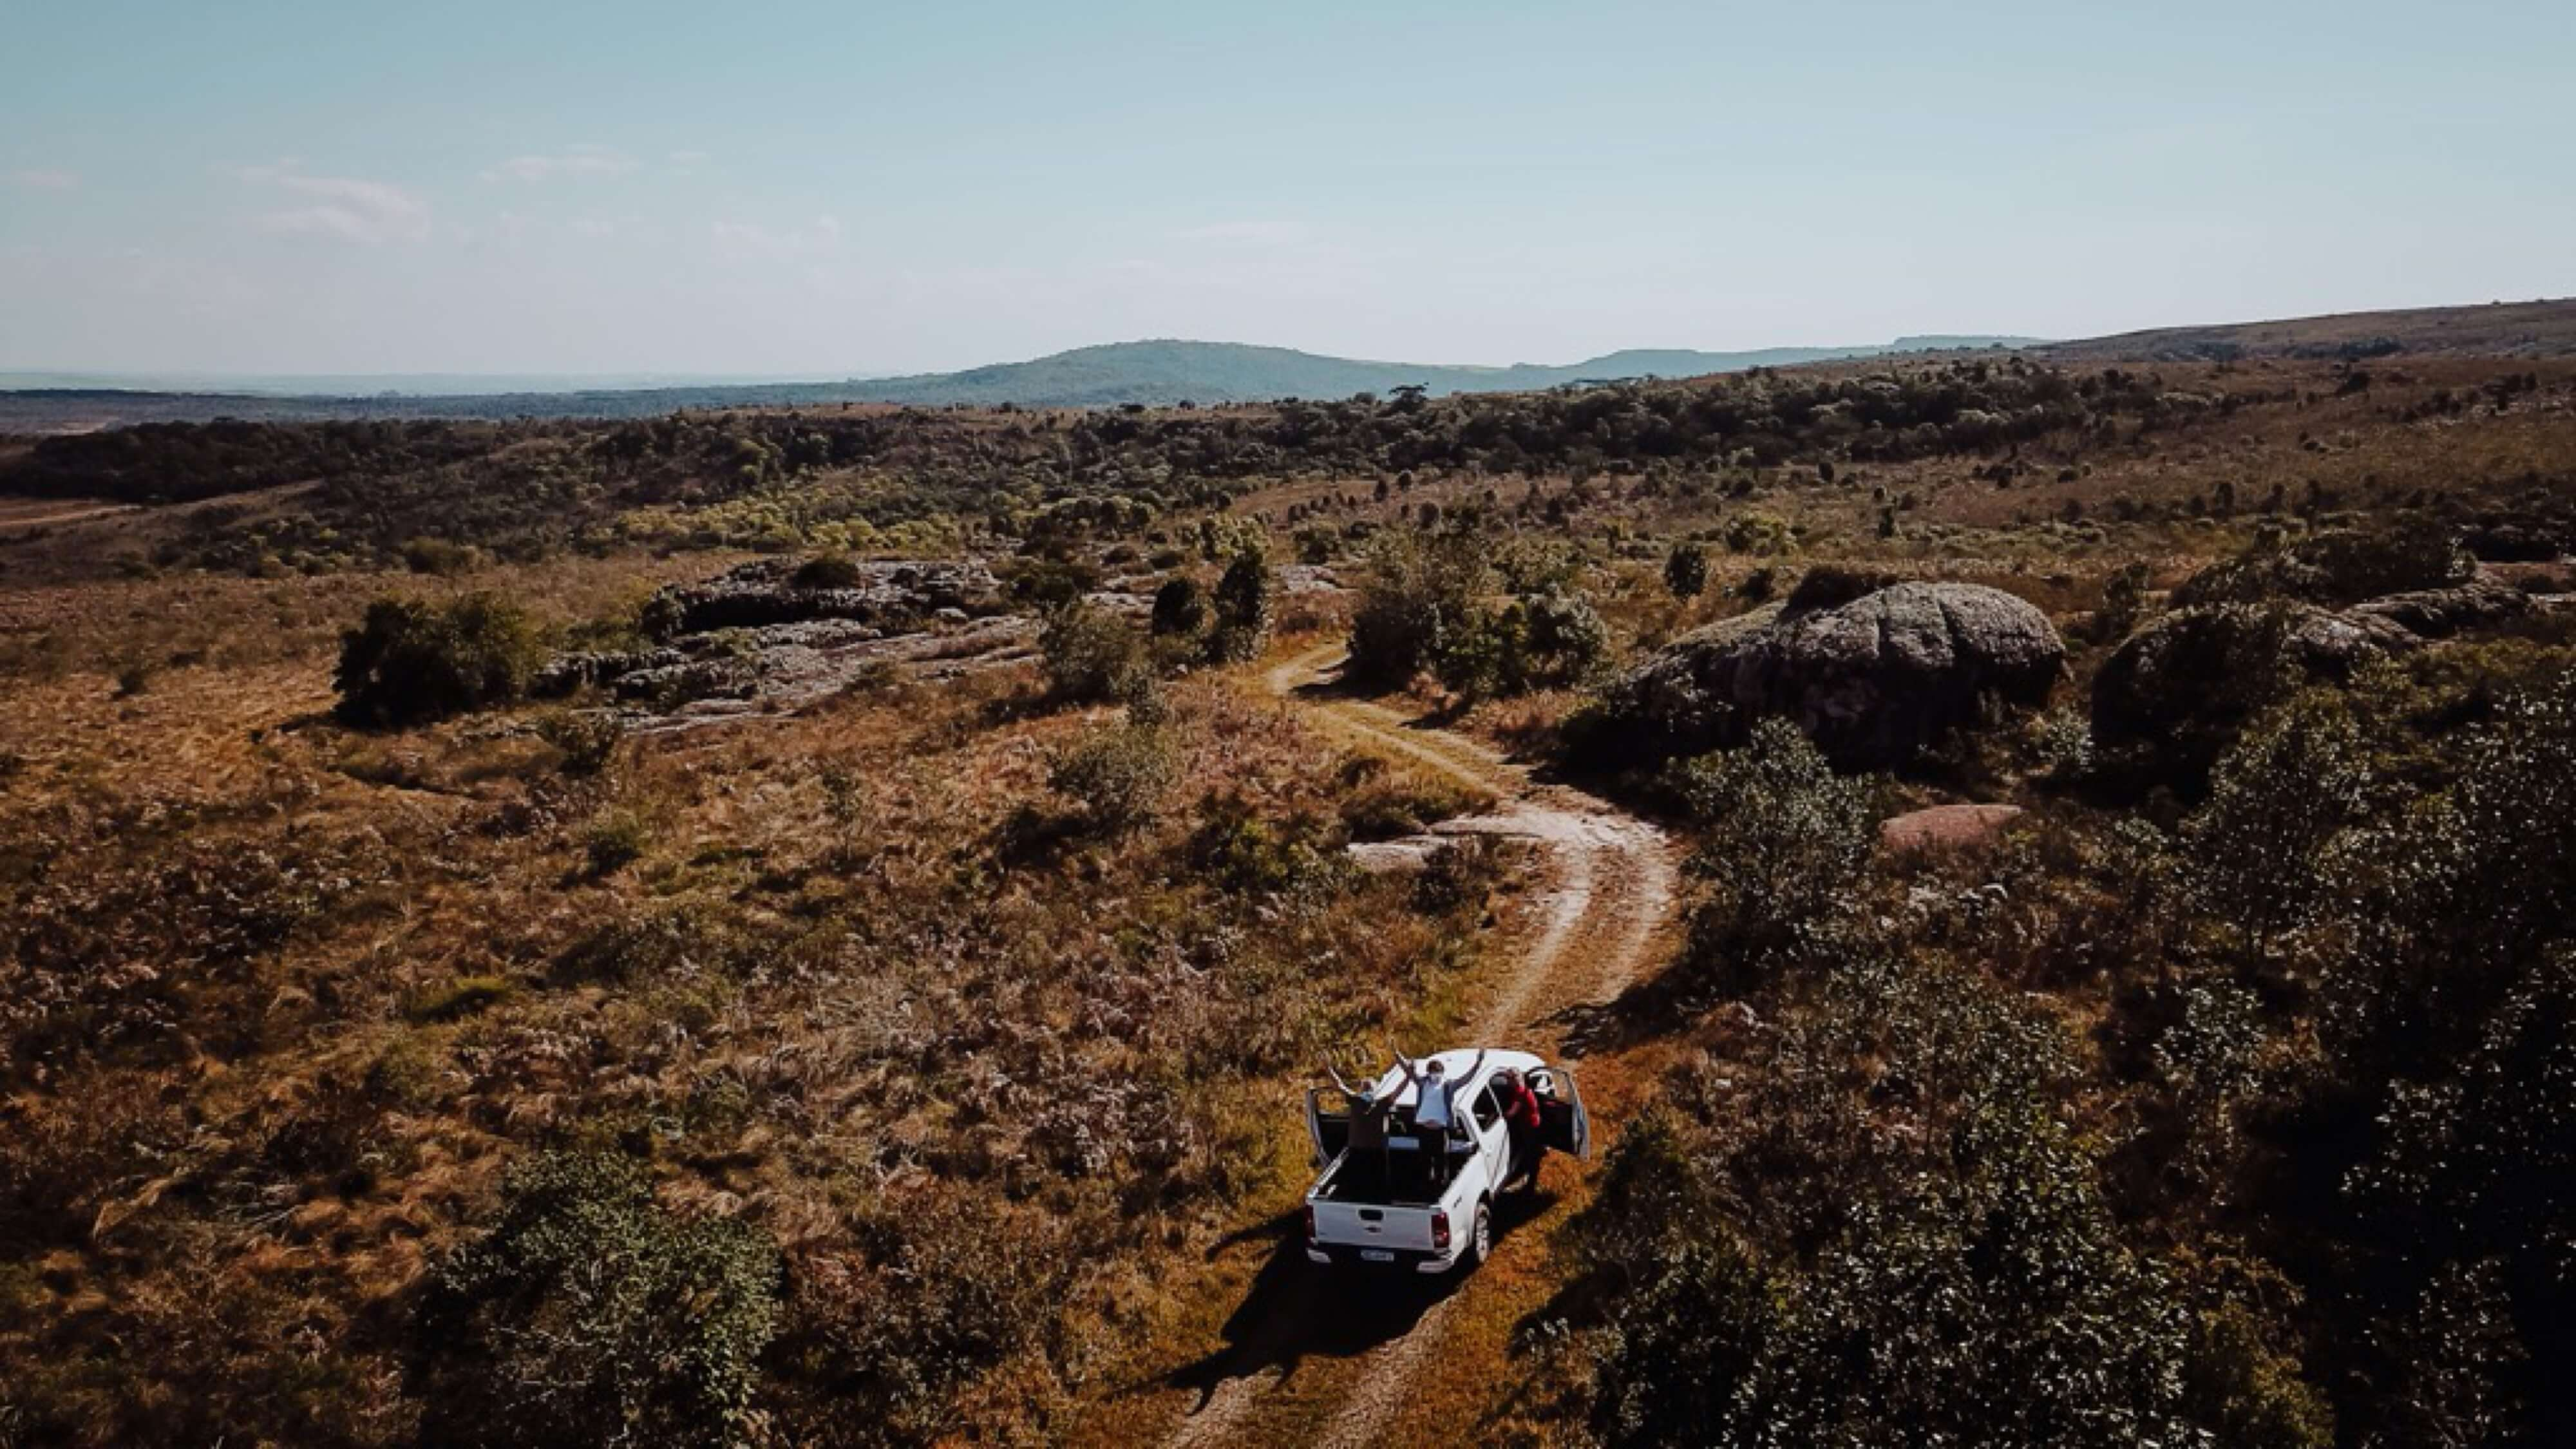 Diversao com natureza e aventura no parana turismo onde ir com os amigos